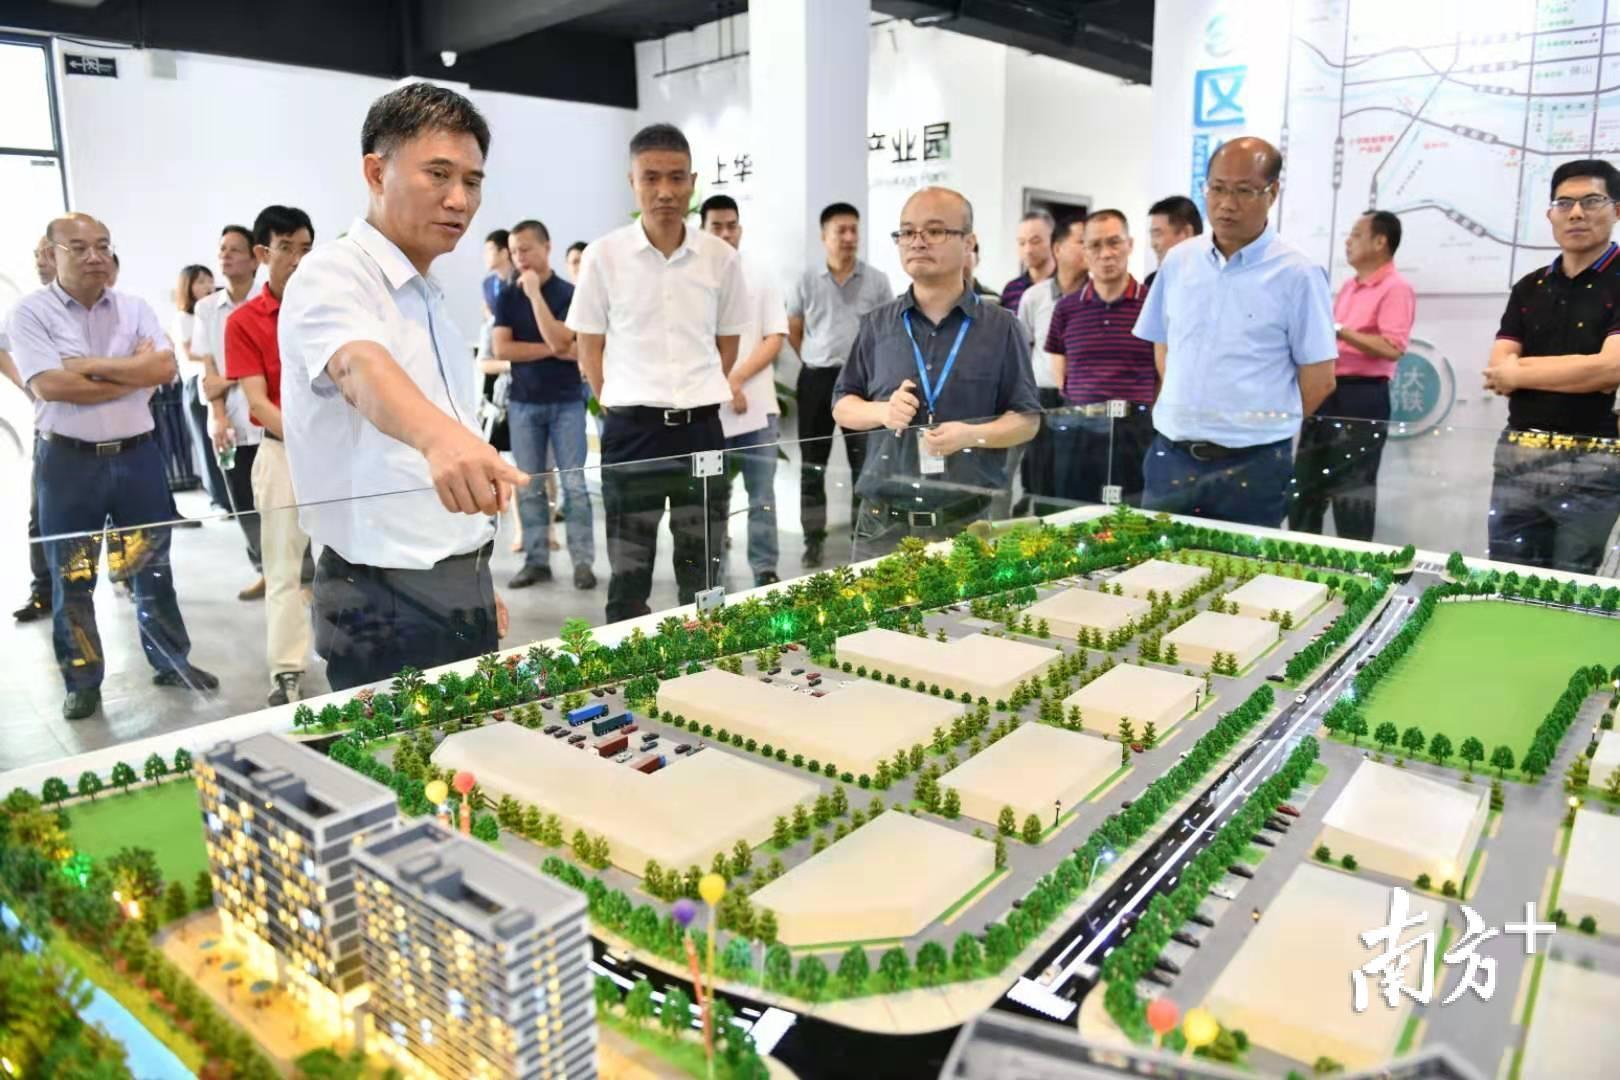 顺德区人大常委会组织专题视察组参观了解乐从上华智能智造产业园的规划和现状。戴嘉信 摄